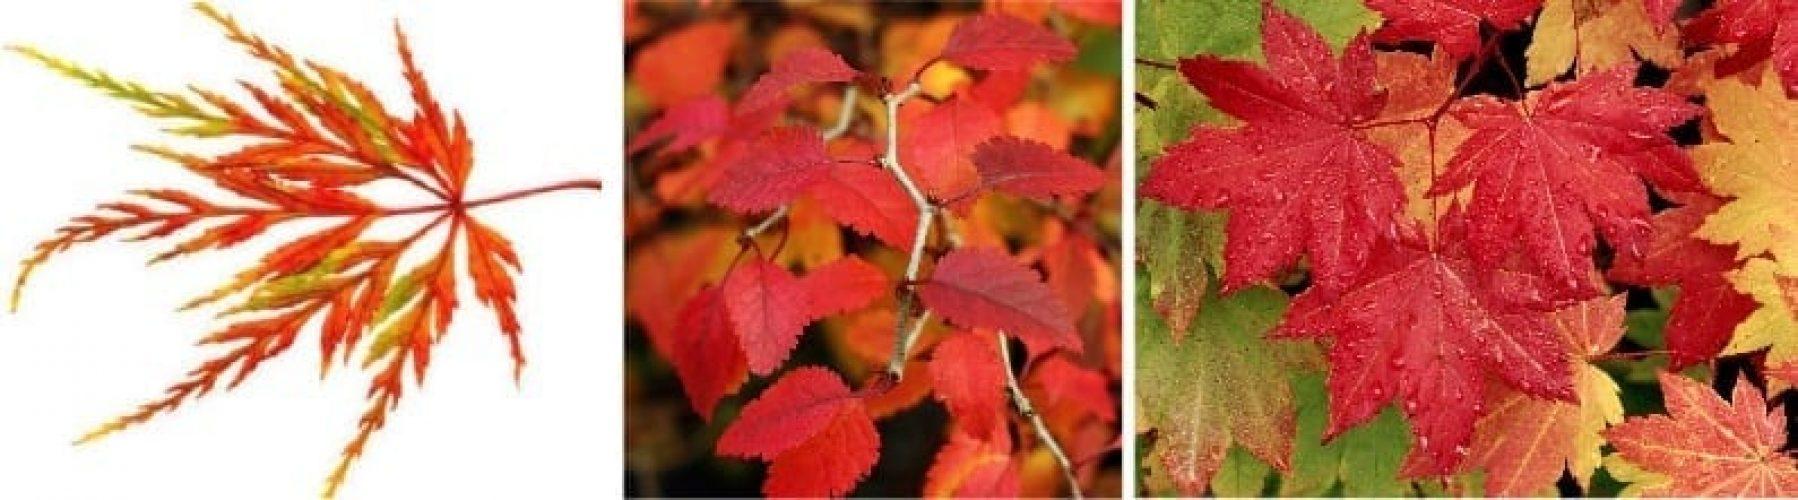 autumn-the-forgotten-season